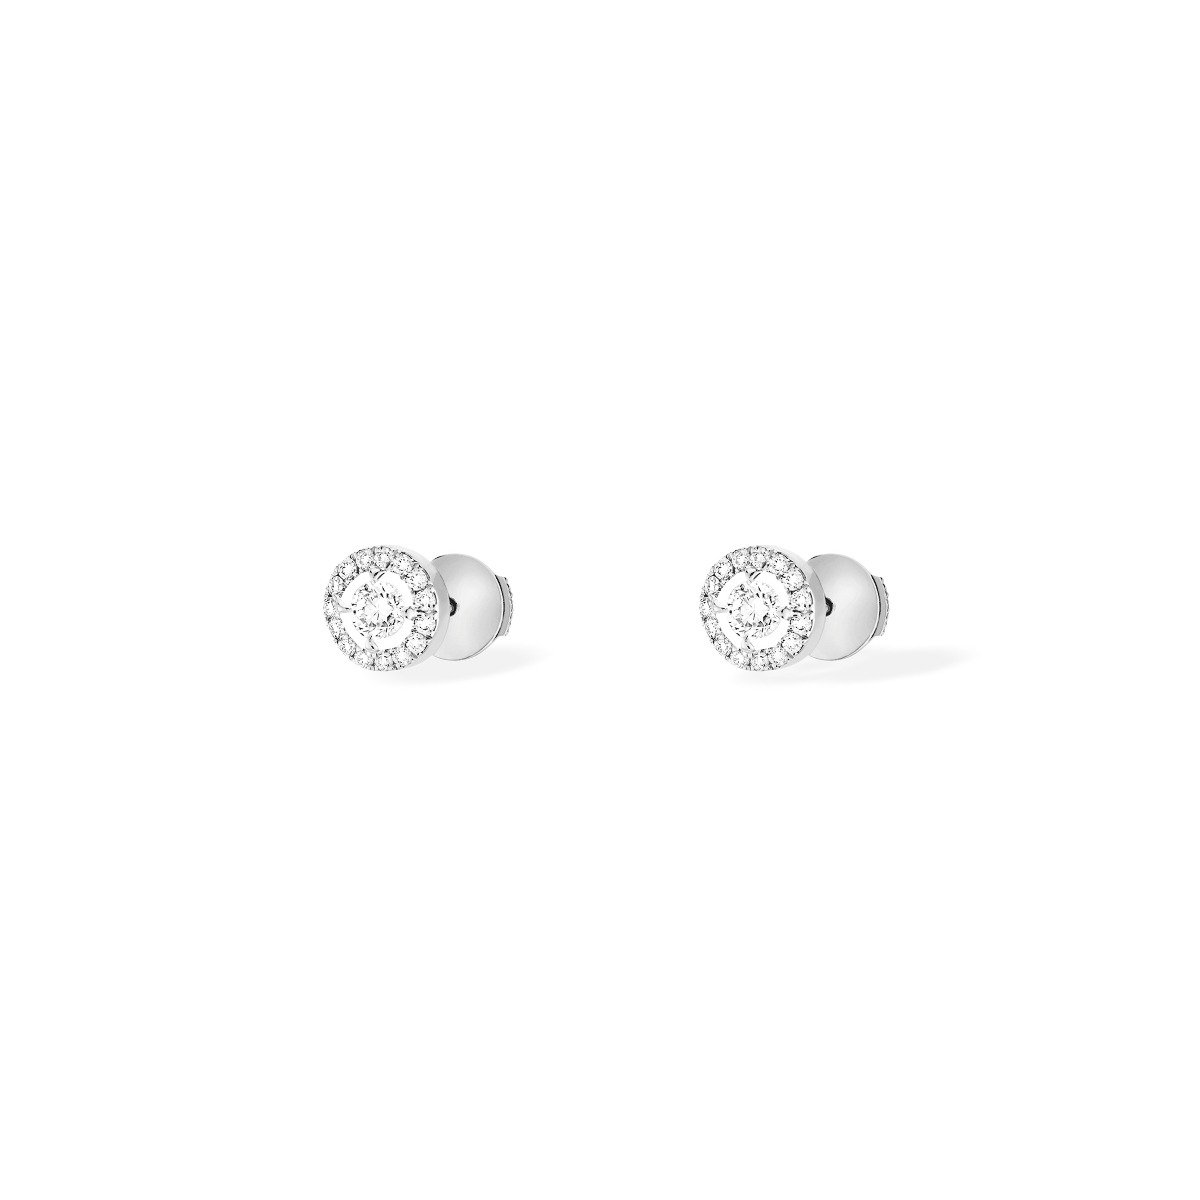 Boucles d'oreilles Messika Joy Diamants Ronds en or blanc et diamants vue 2